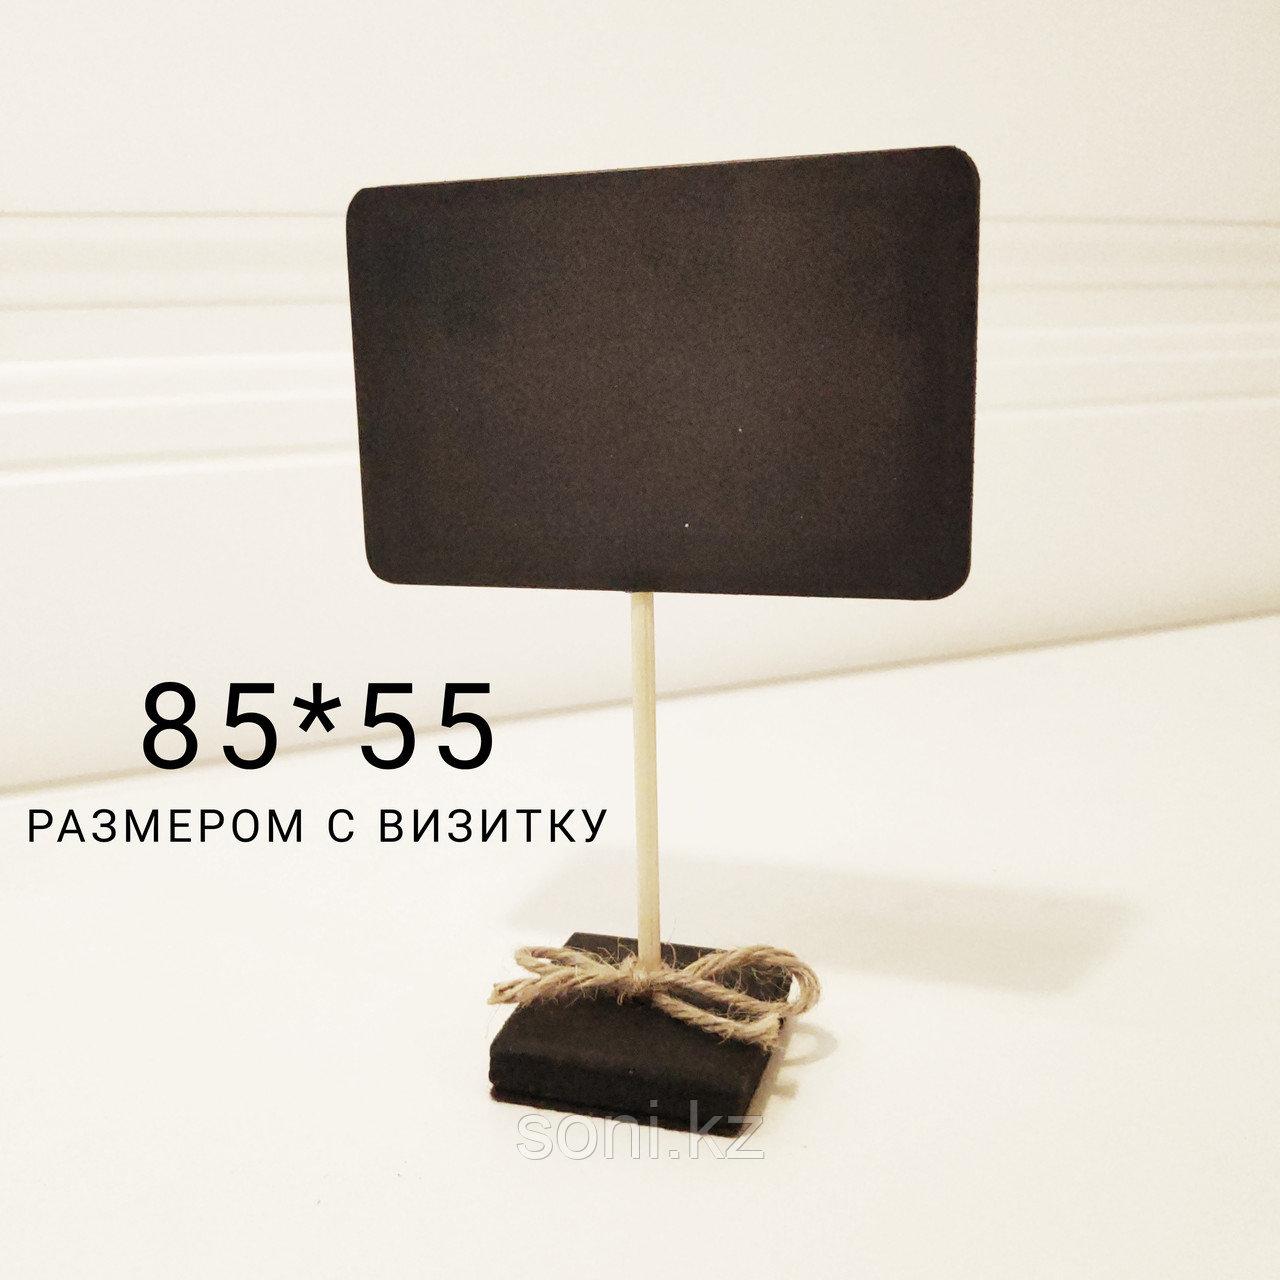 Ценник А8 на подставке с бантиком